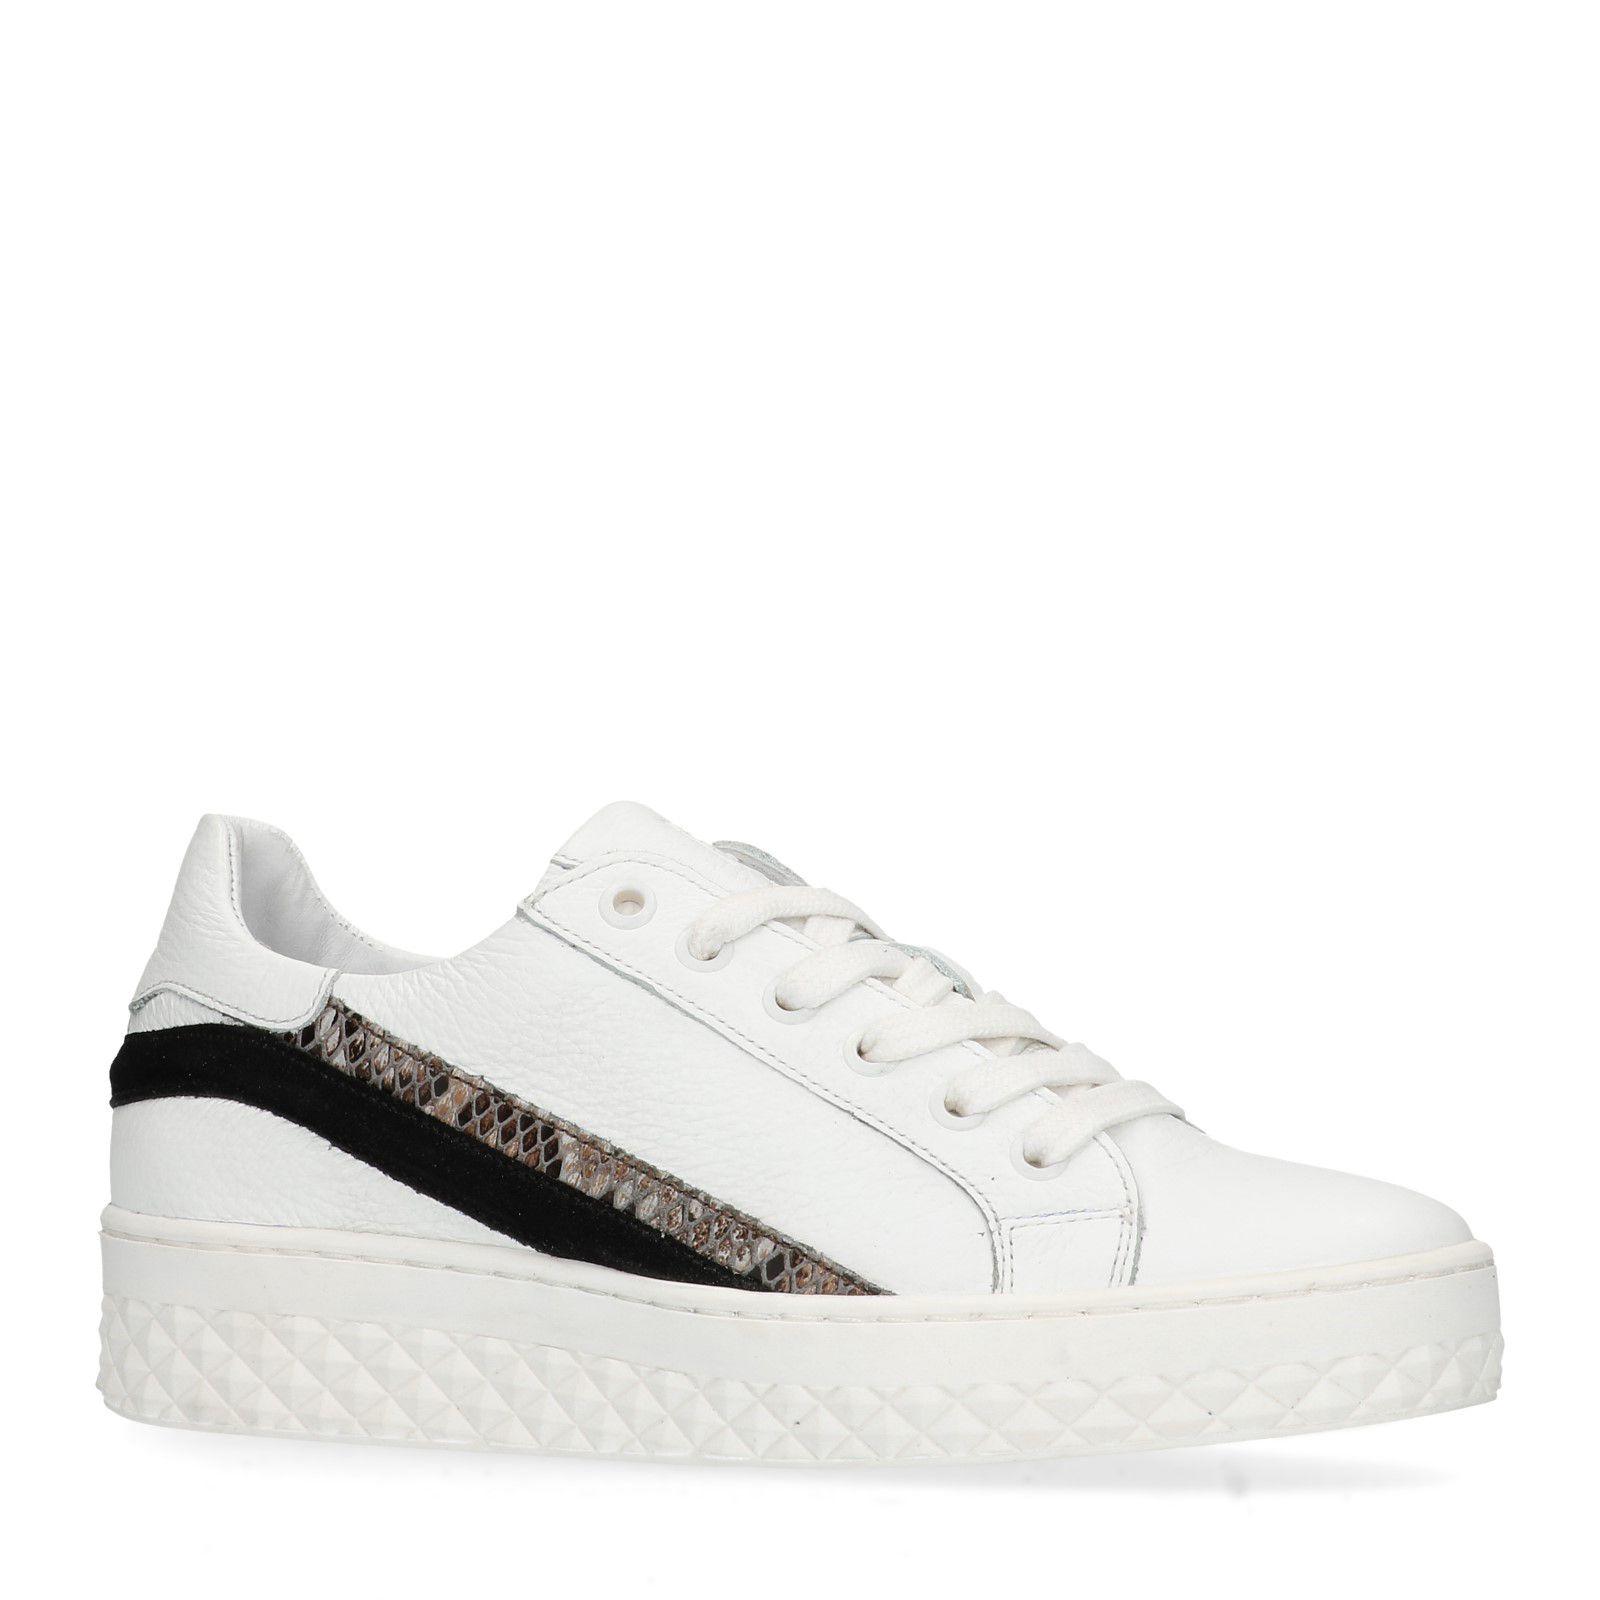 Weiße Sneaker mit Schlangenmuster Details (36,37,38,39,40,41